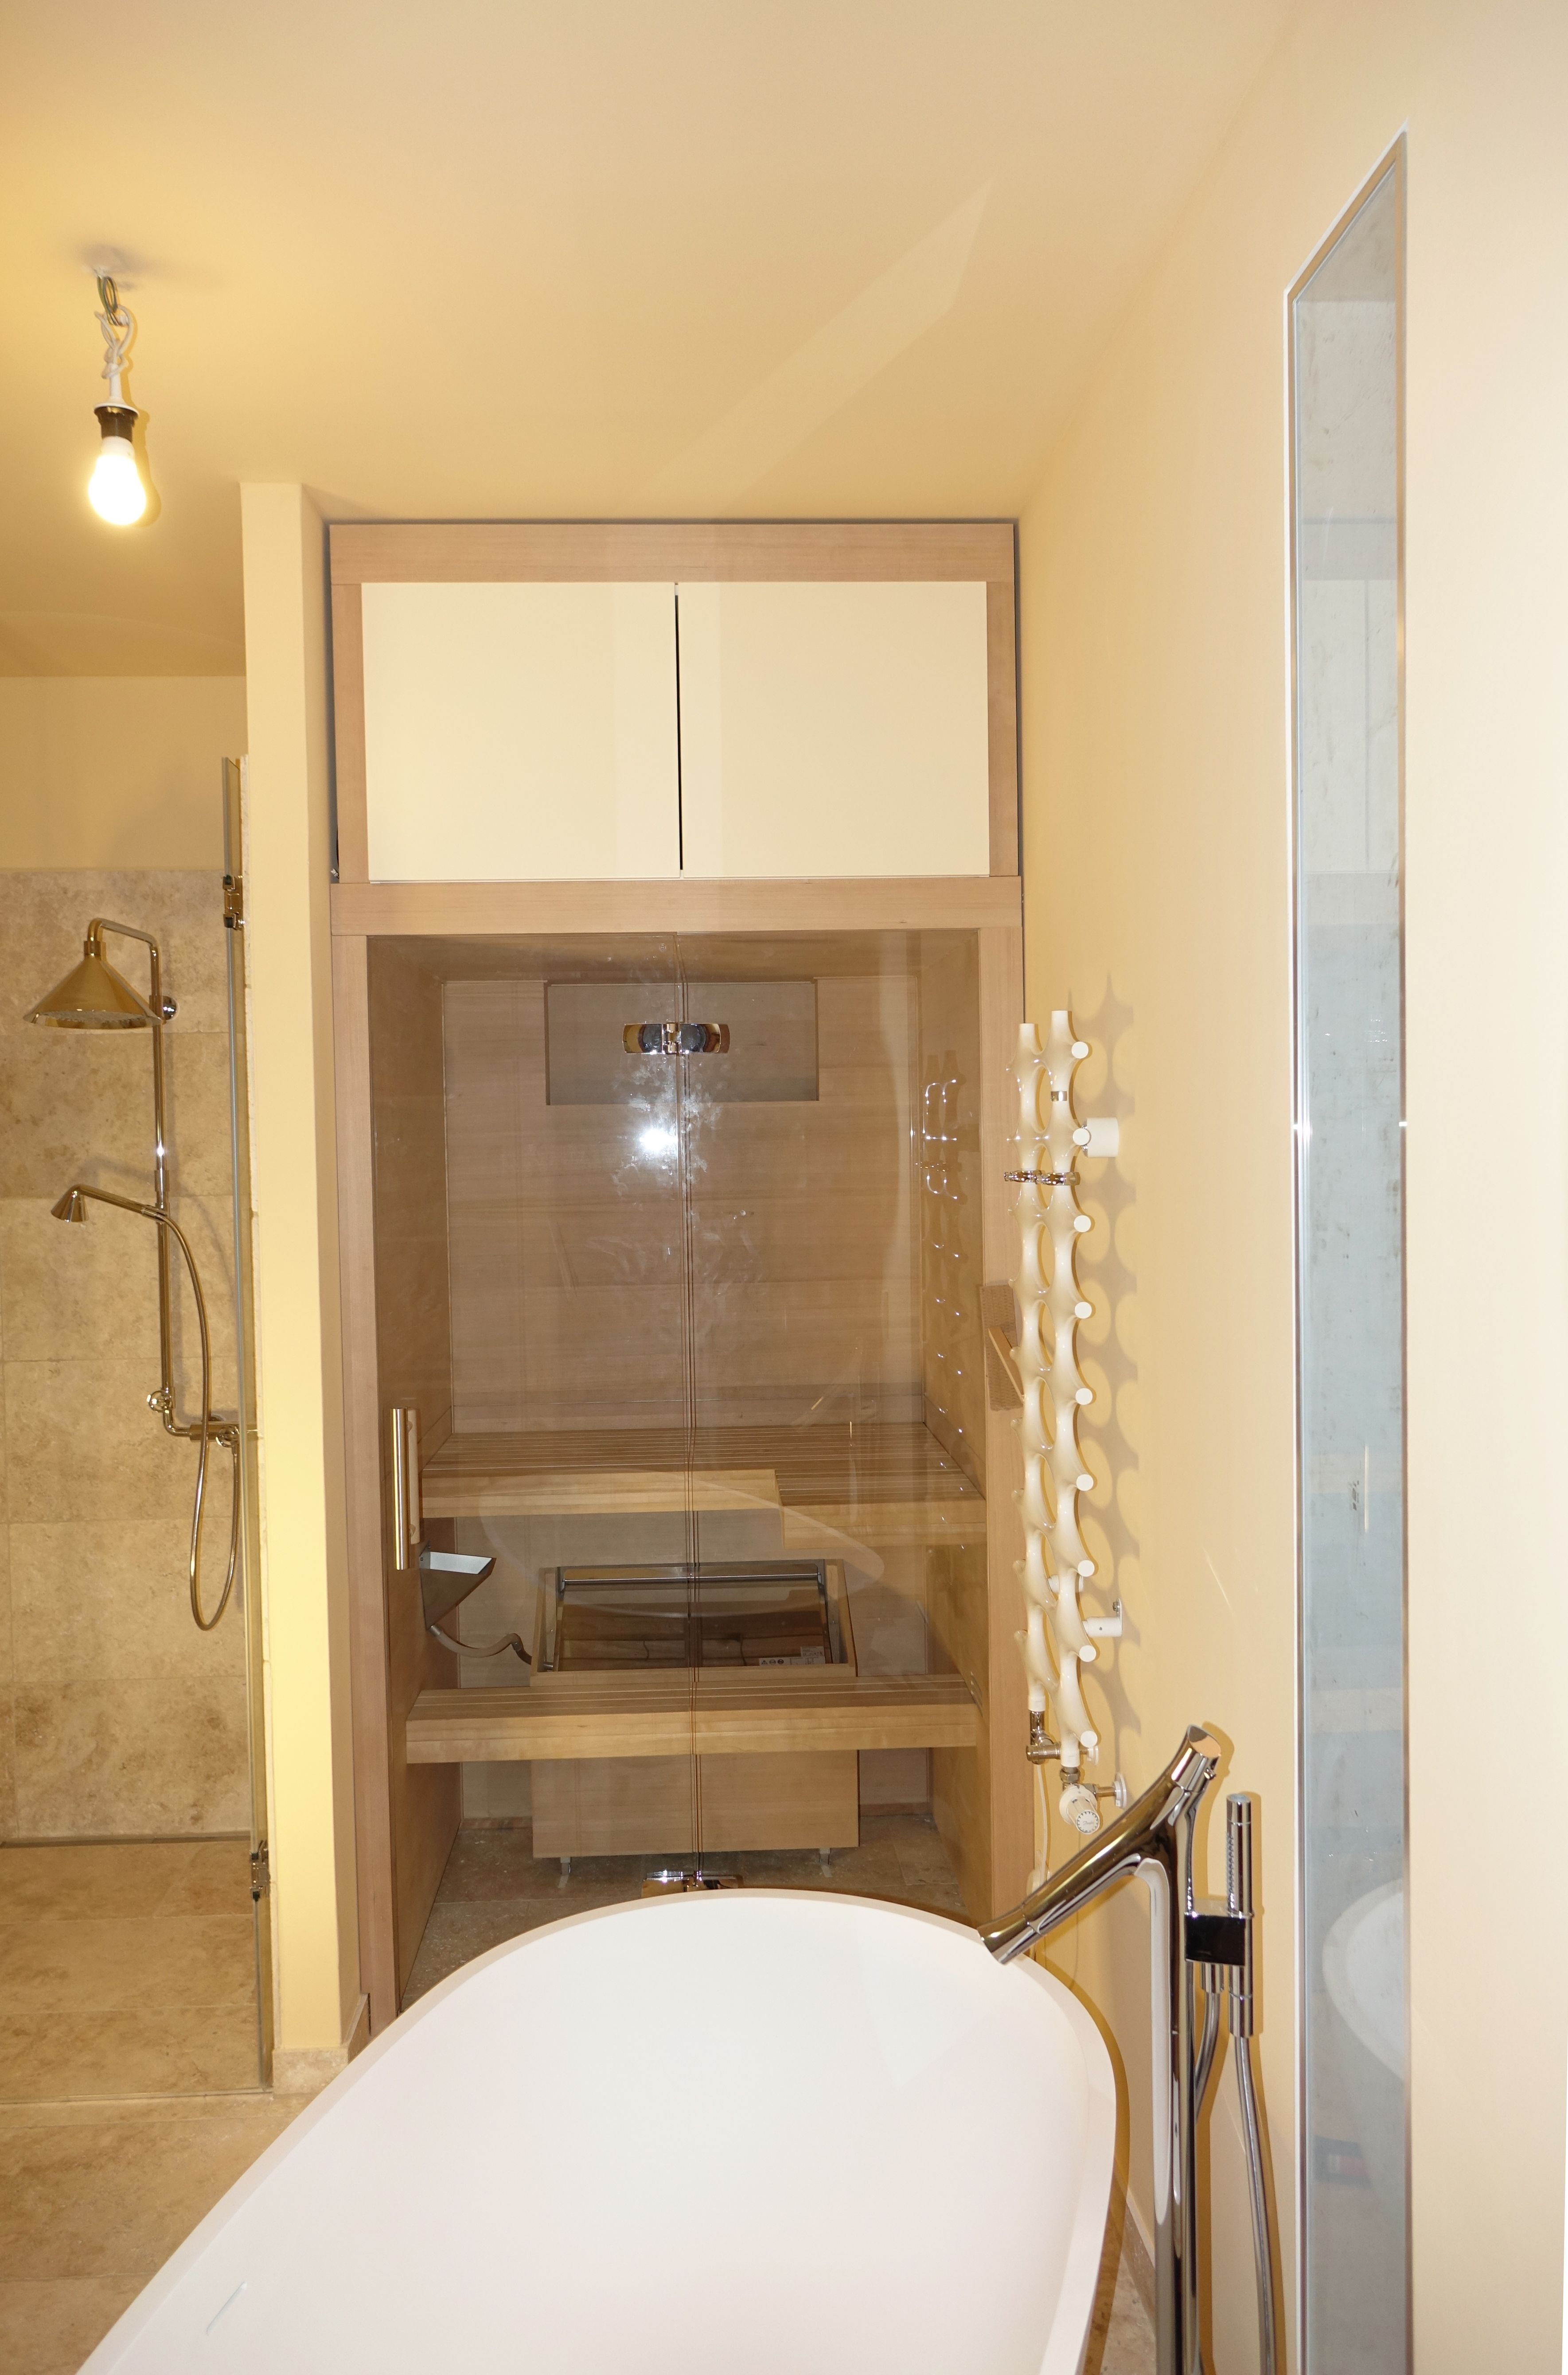 Pin Von Monneray Auf Salle De Bain In 2020 Kleine Sauna Kleiner Raum Badezimmer